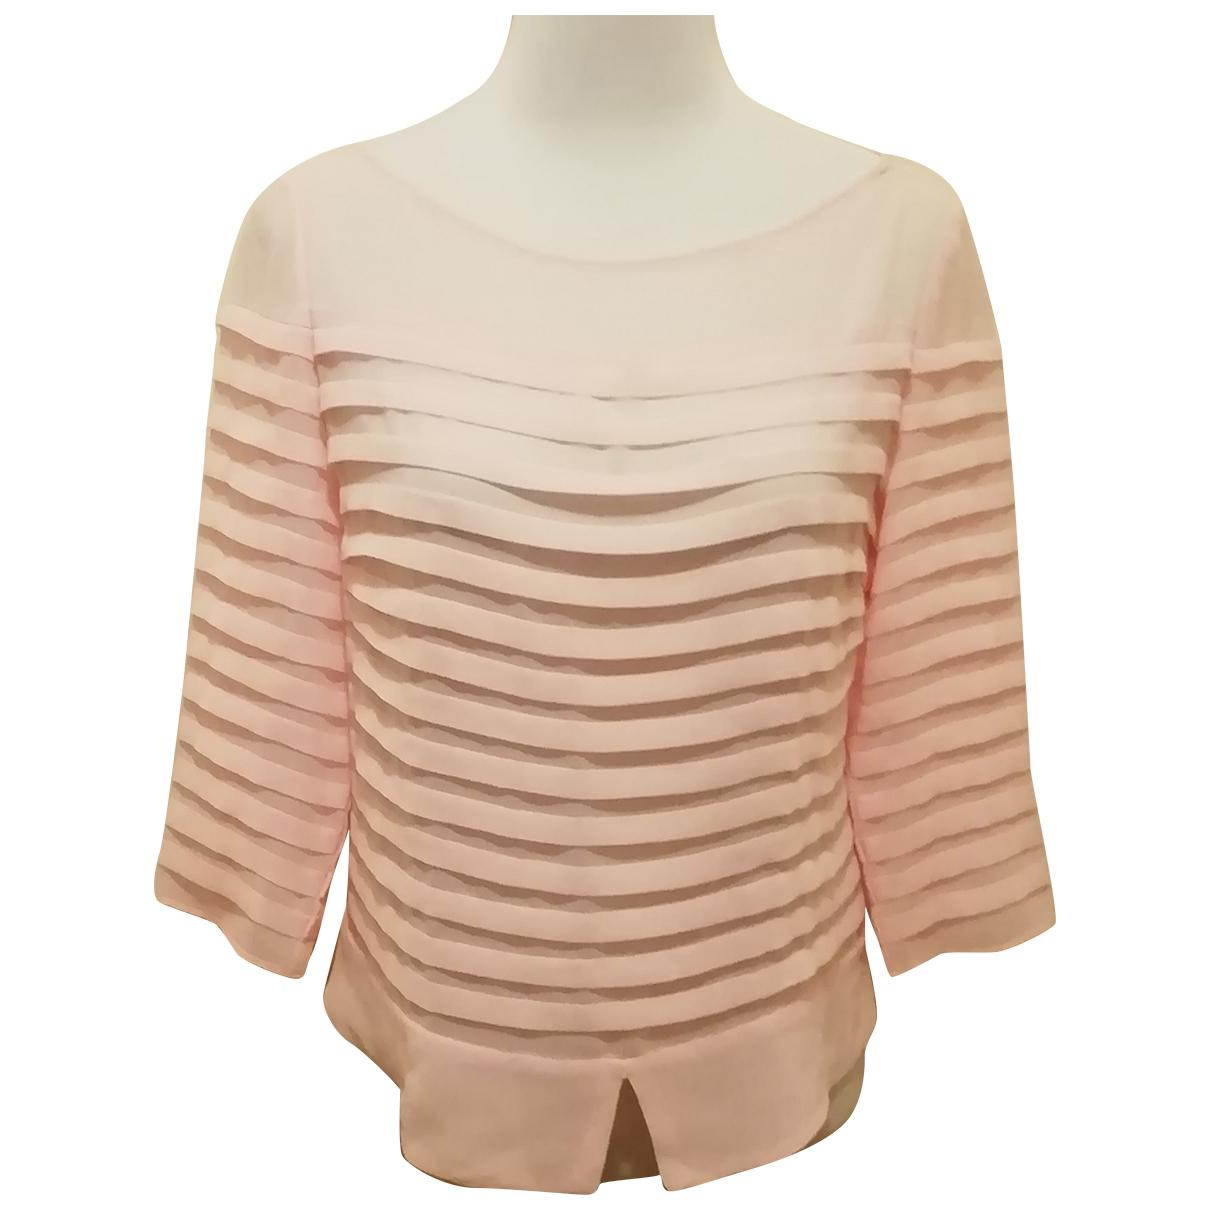 Claudie Pierlot \N Pink  top for Women 38 FR